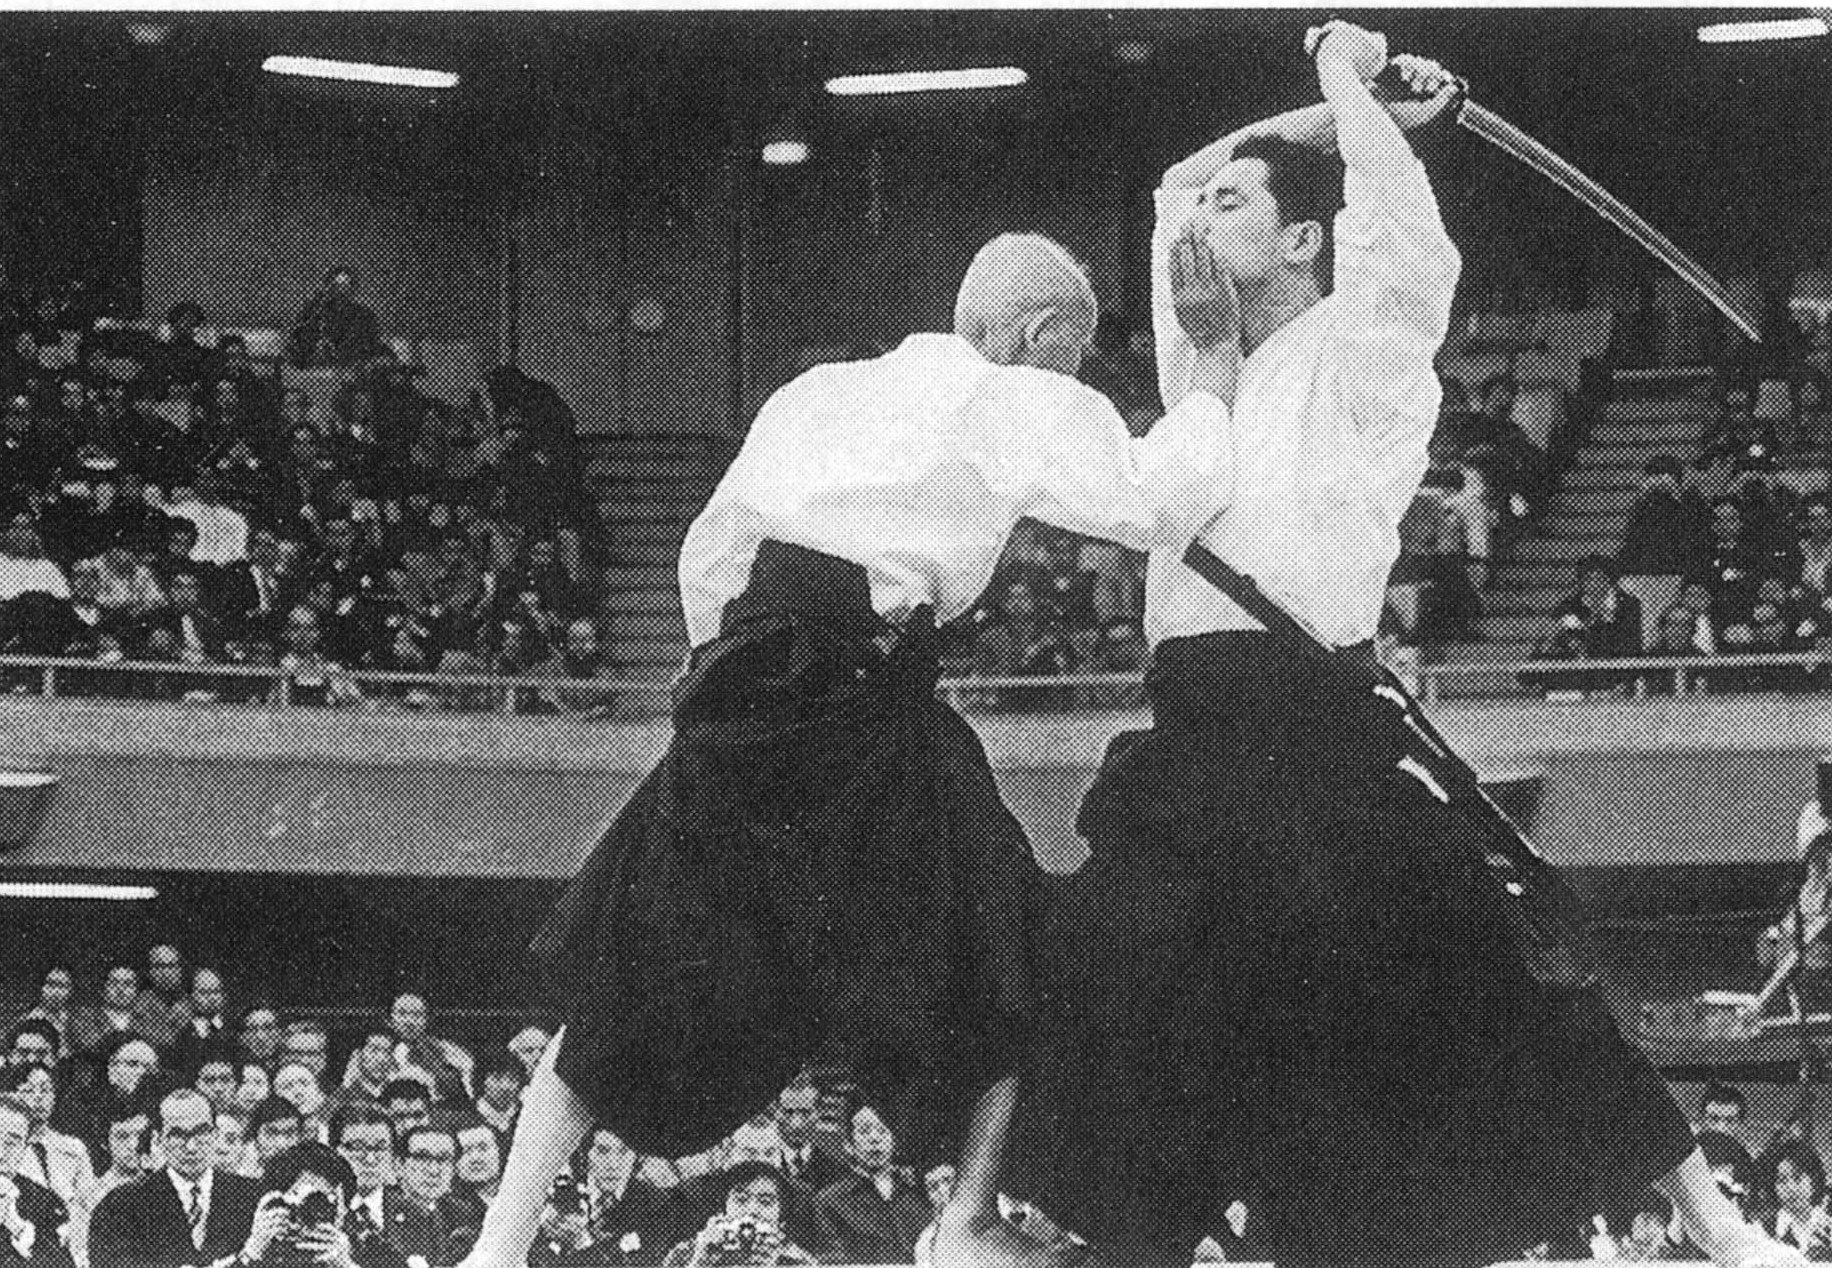 Hironori Otsuka en zijn zoon Jiro Otsuka tonen shinken shiraha dori, verdediging tegen aanvallen met een Japans zwaard, tijdens een demonstratie in 1965.